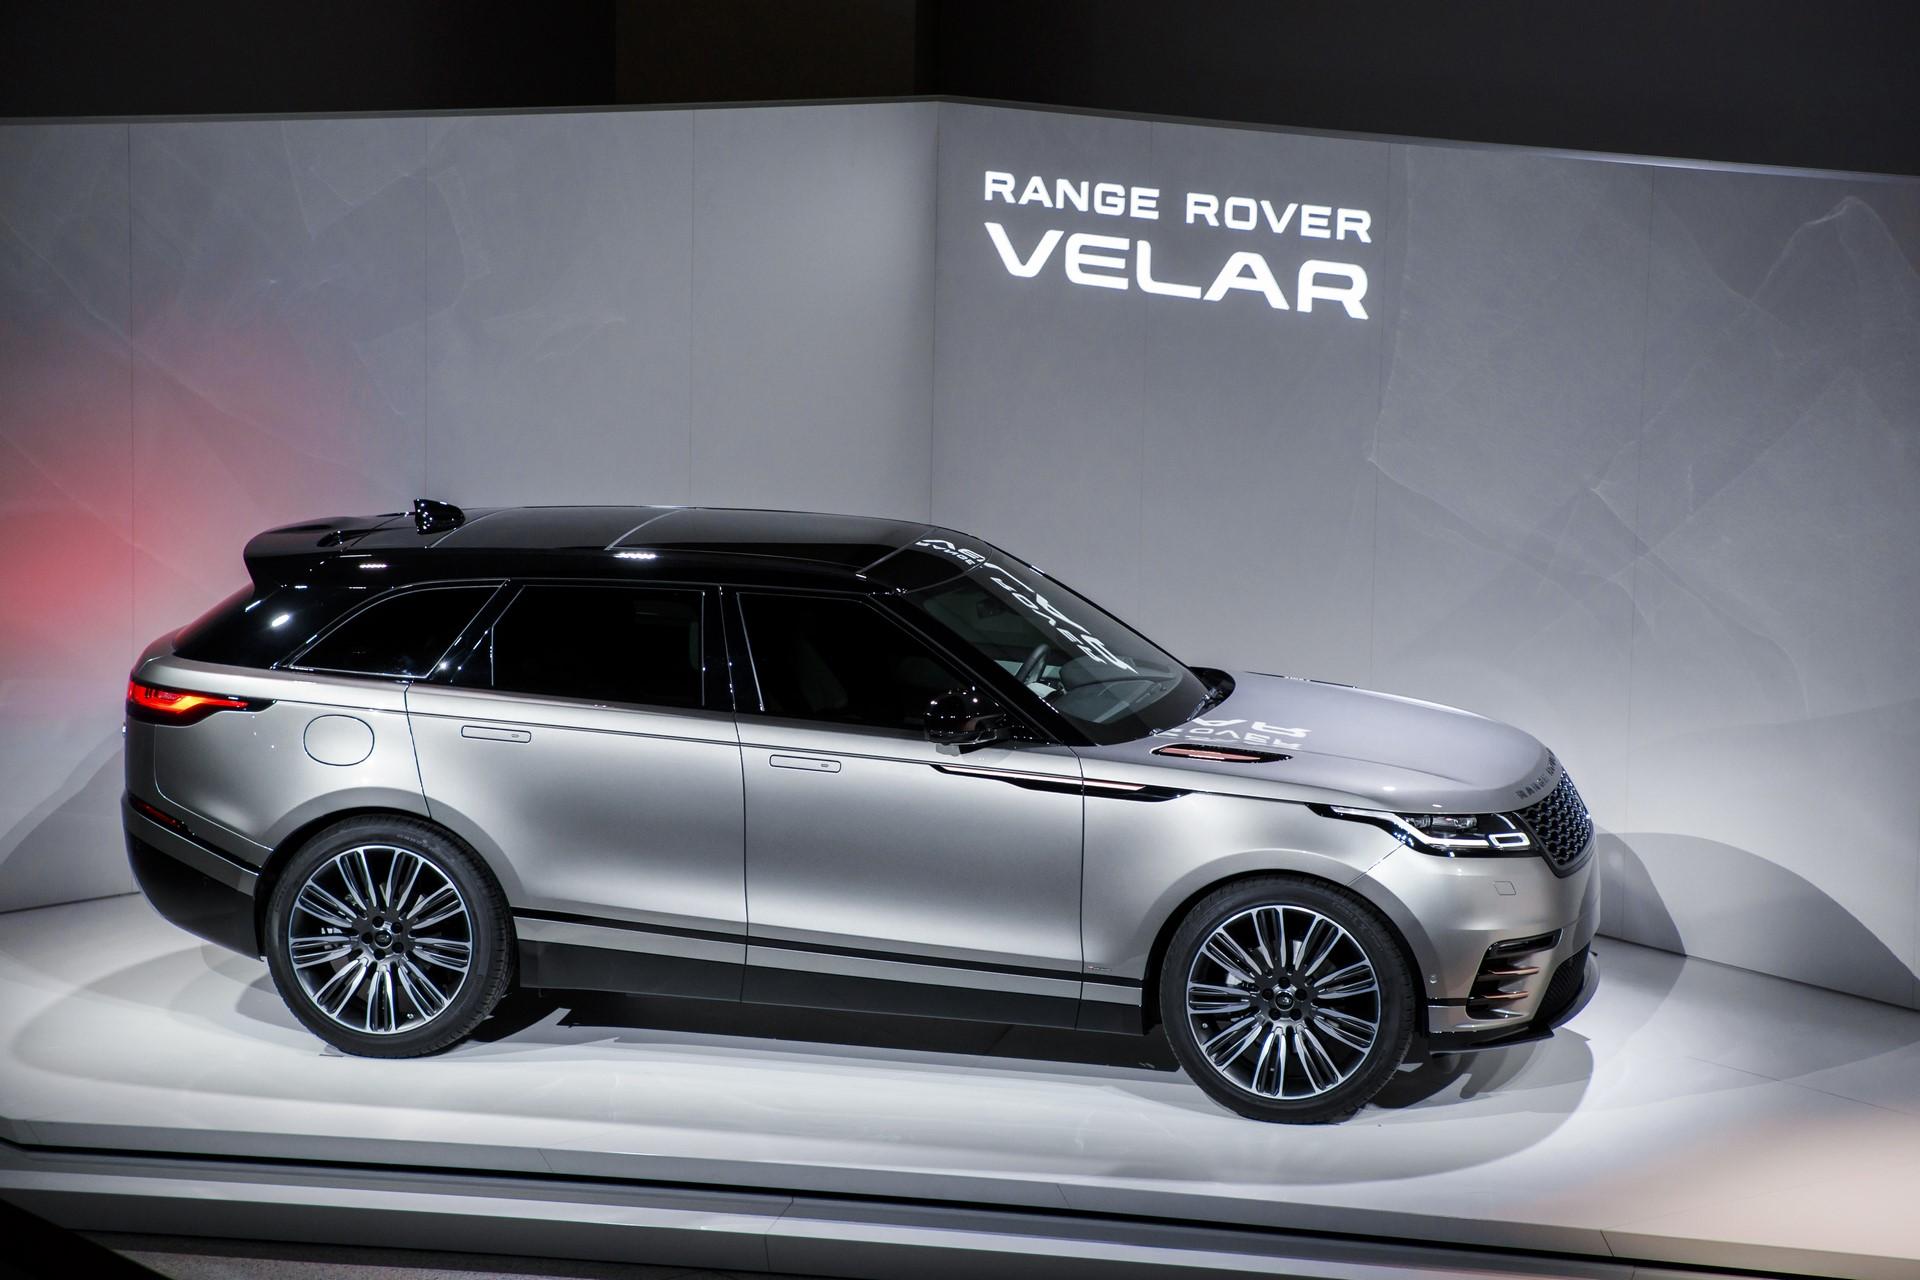 Range Rover Velar 2017 (109)